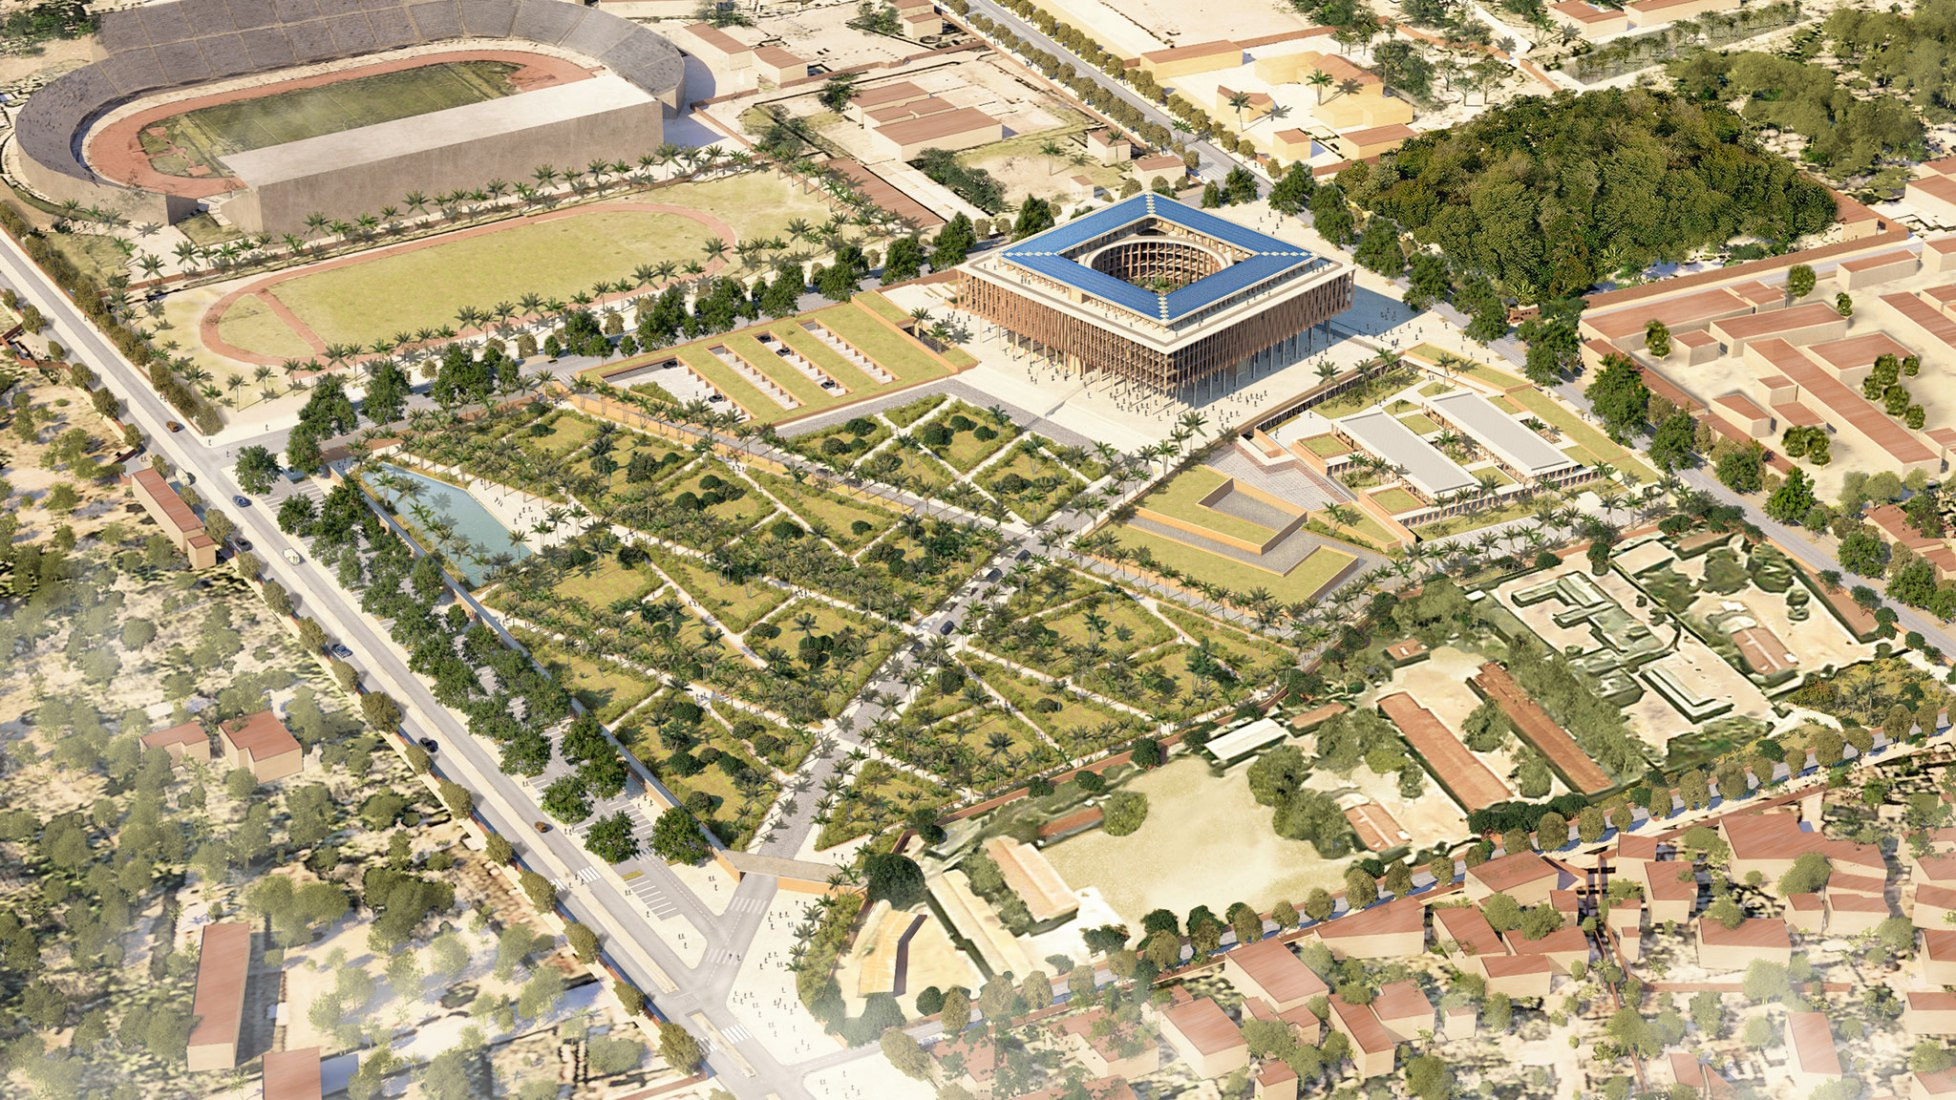 Asamblea Nacional de Benín por Kéré Architecture. Visualización por Kéré Architecture